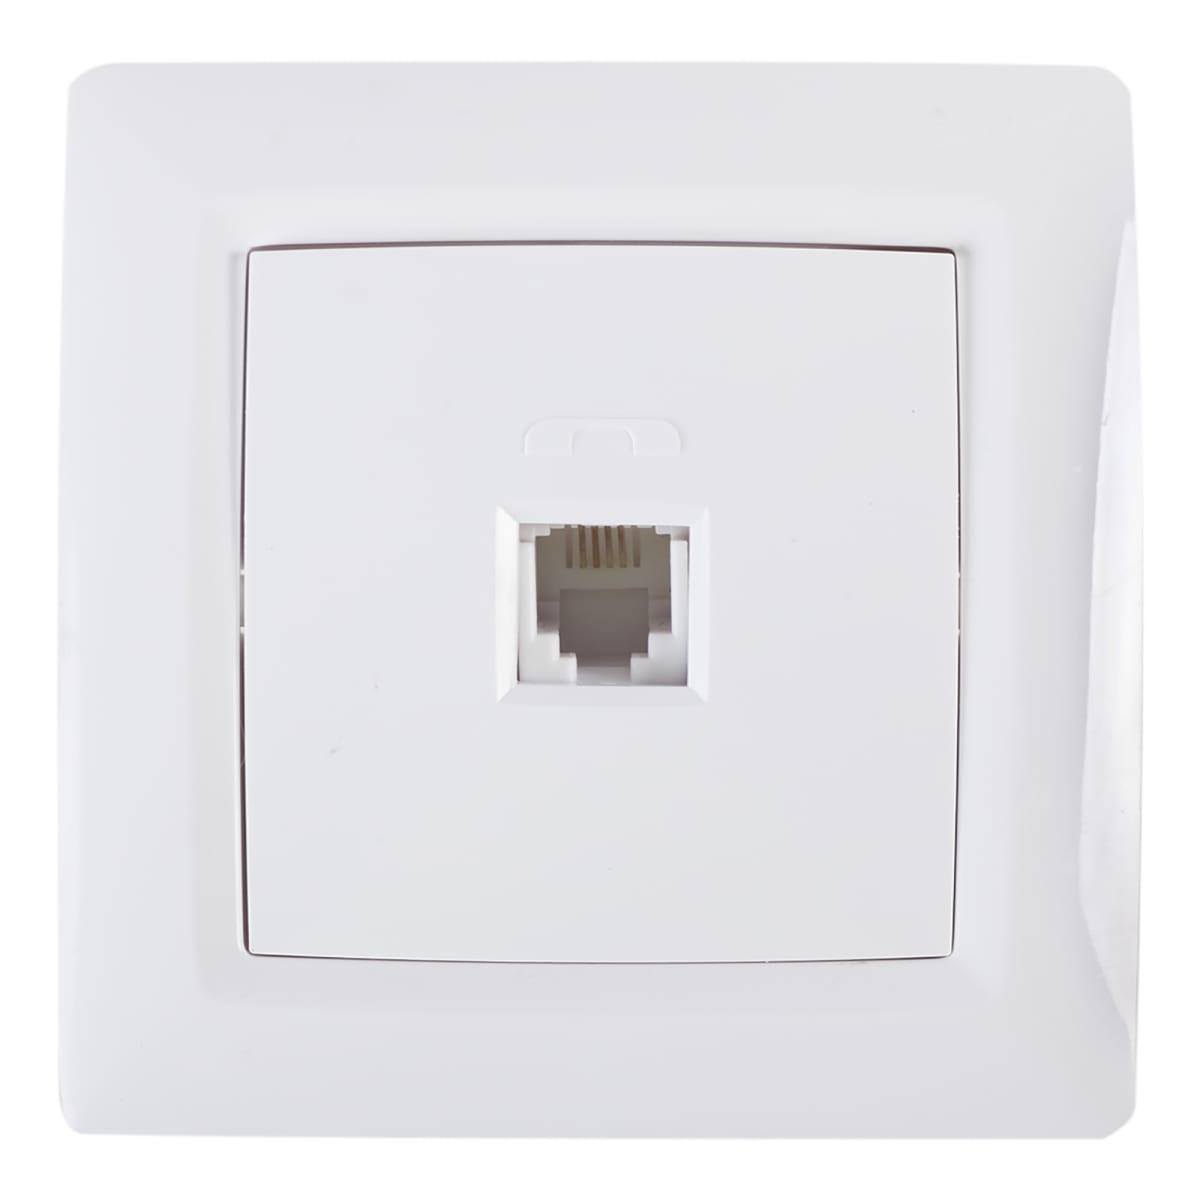 Телефонная розетка встраиваемая Reone RJ11, цвет белый